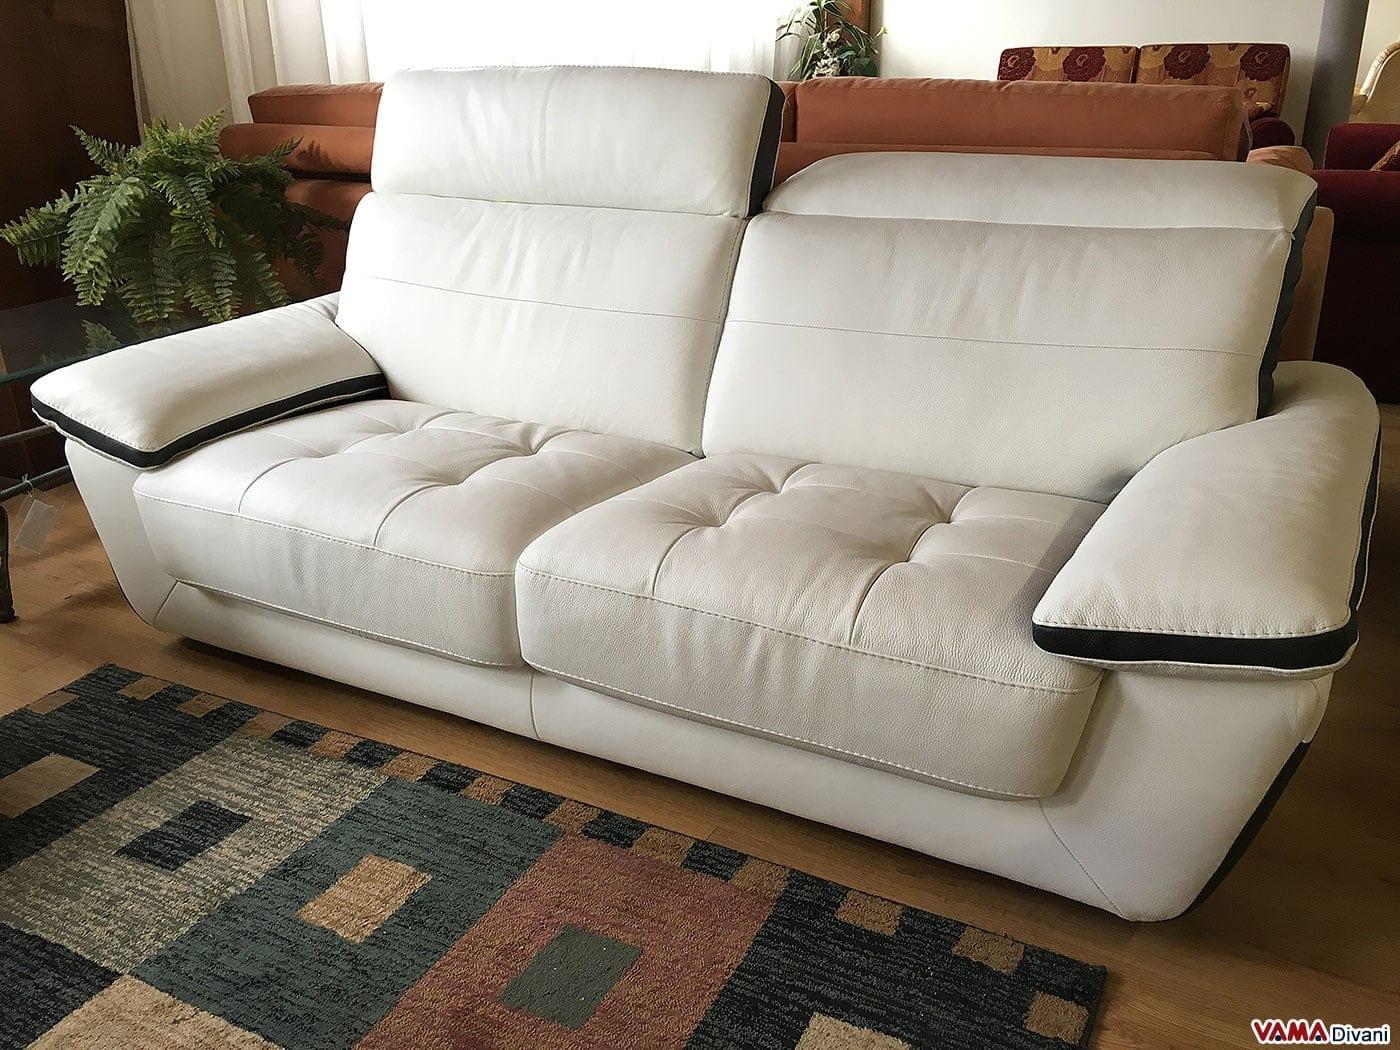 Divano moderno con seduta trapuntata 2 5 posti in occasione - Divano bianco pelle ...